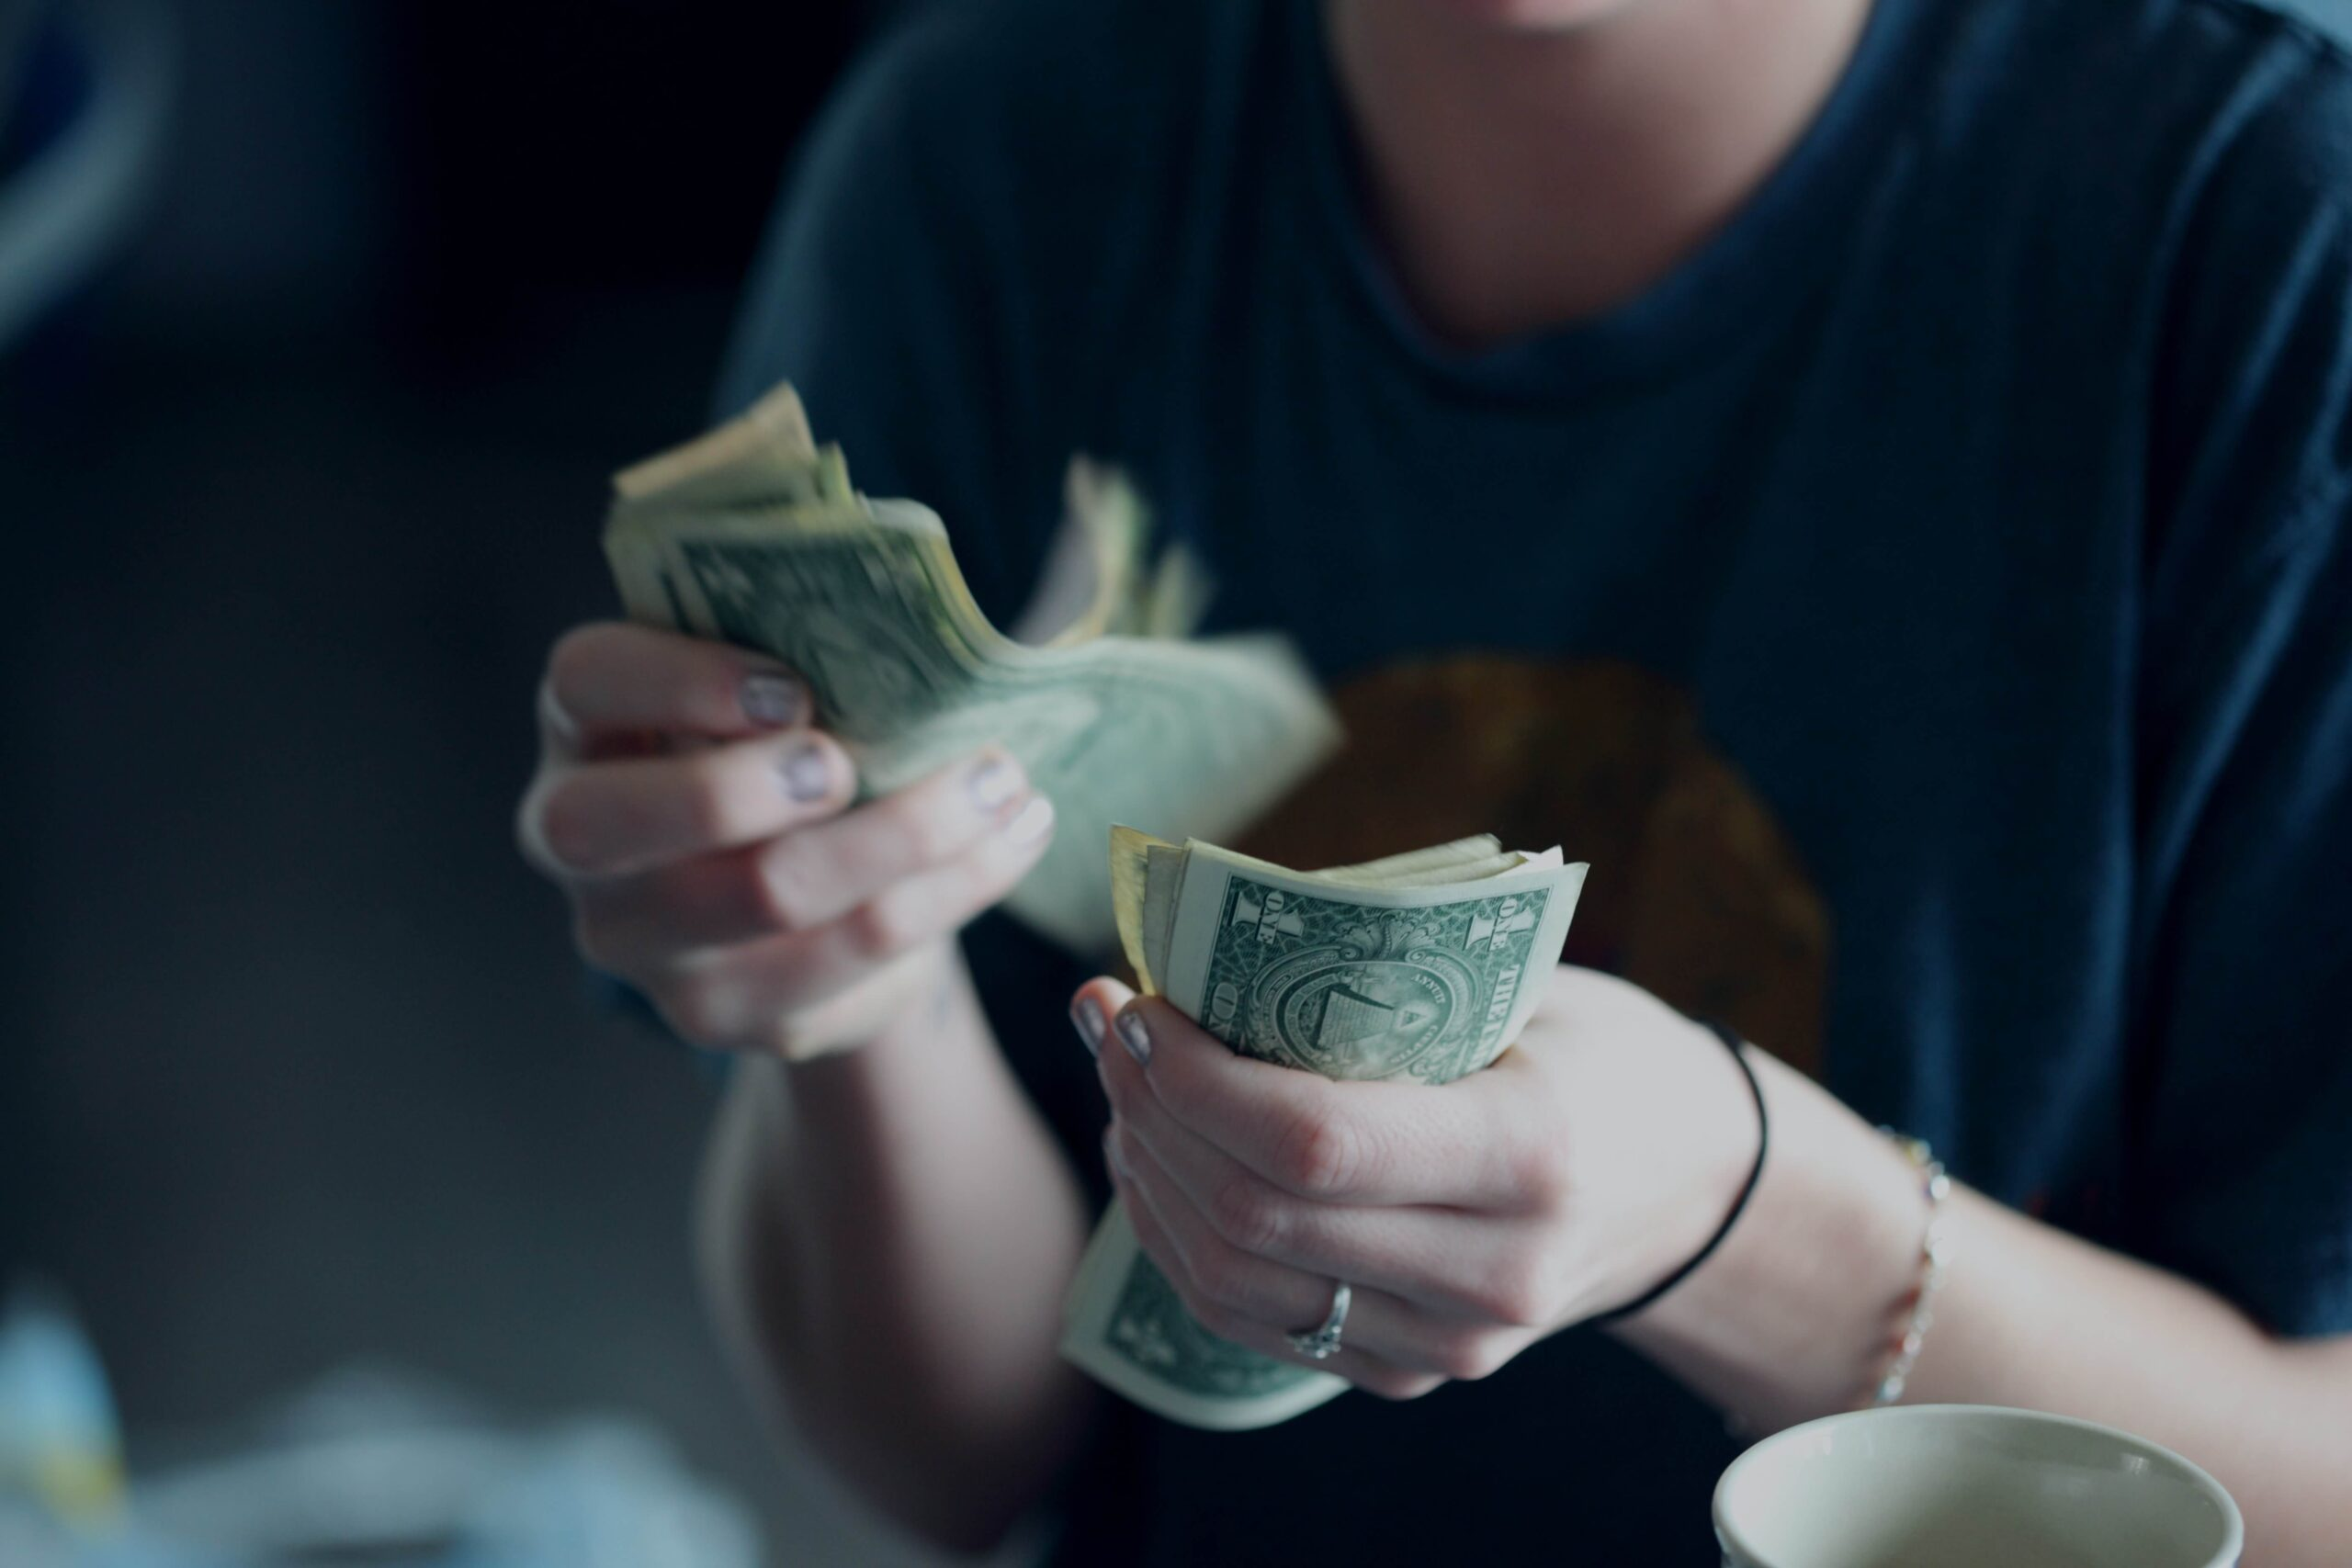 社会人5年目の年収や貯金はいくら?お金事情を紹介